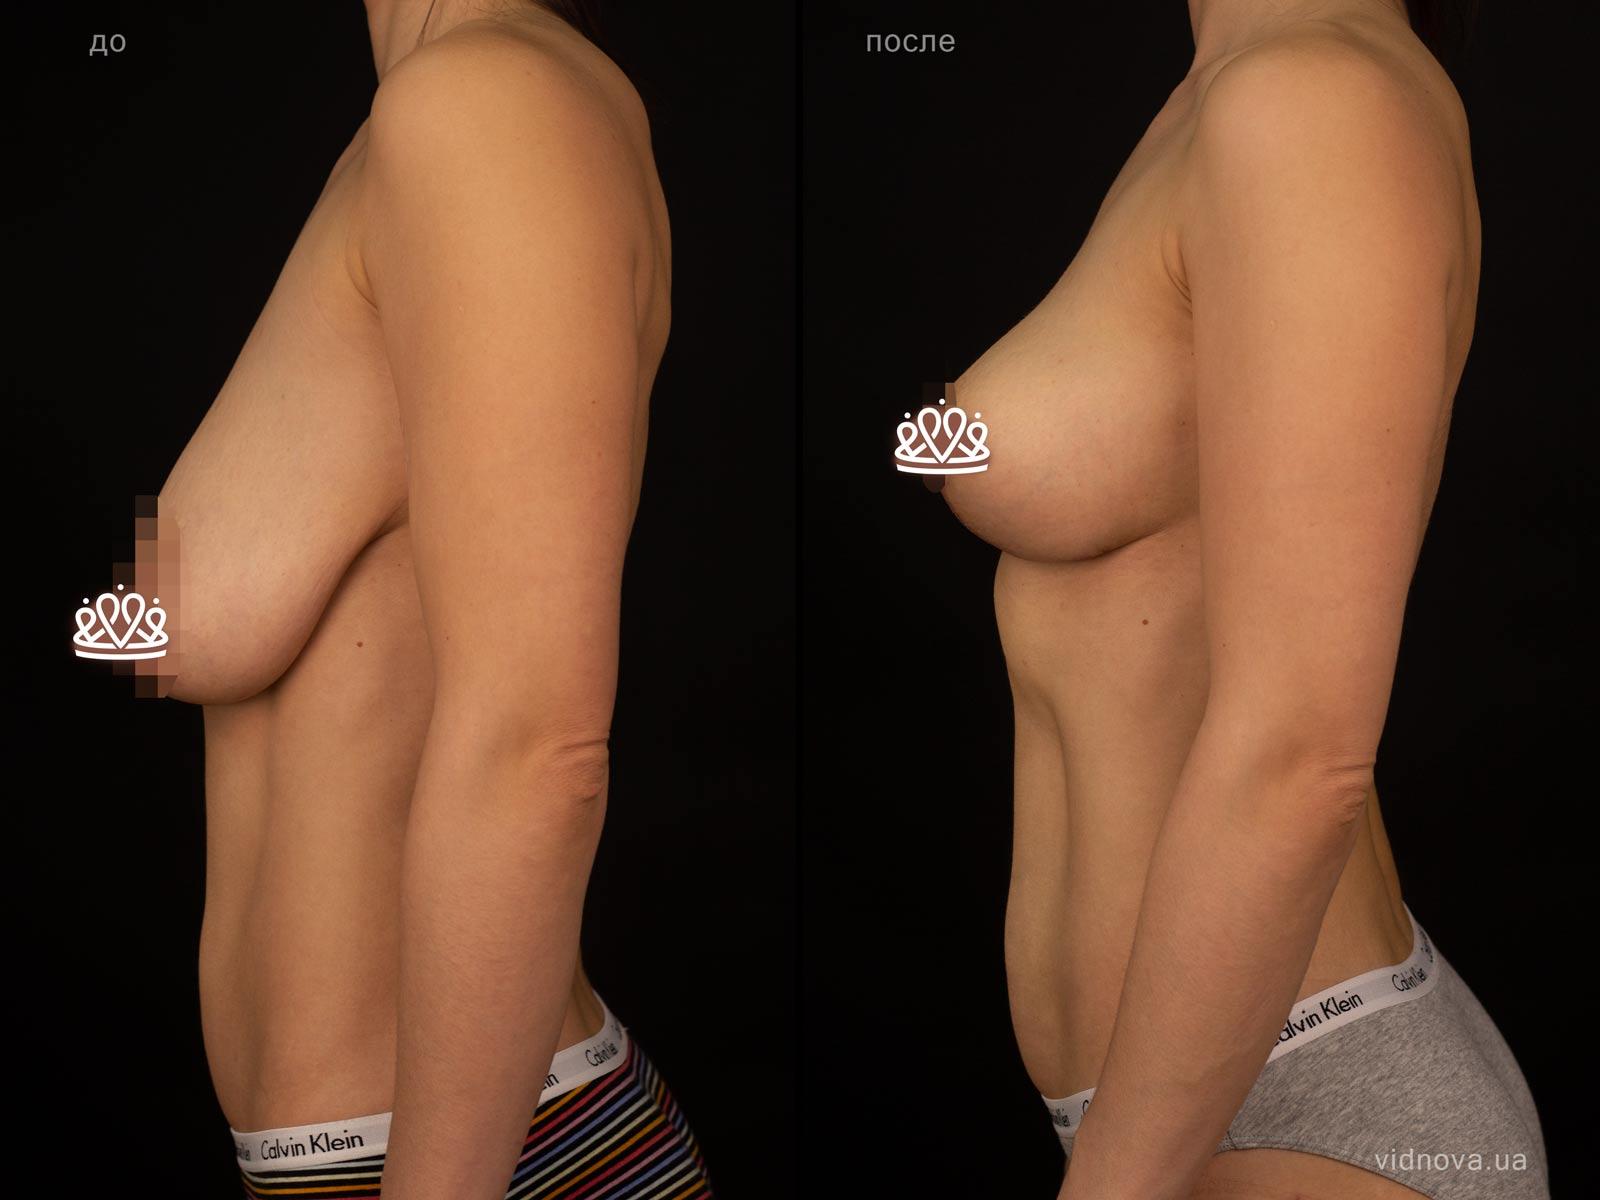 Пластика груди: результаты до и после - Пример №126-2 - Светлана Работенко